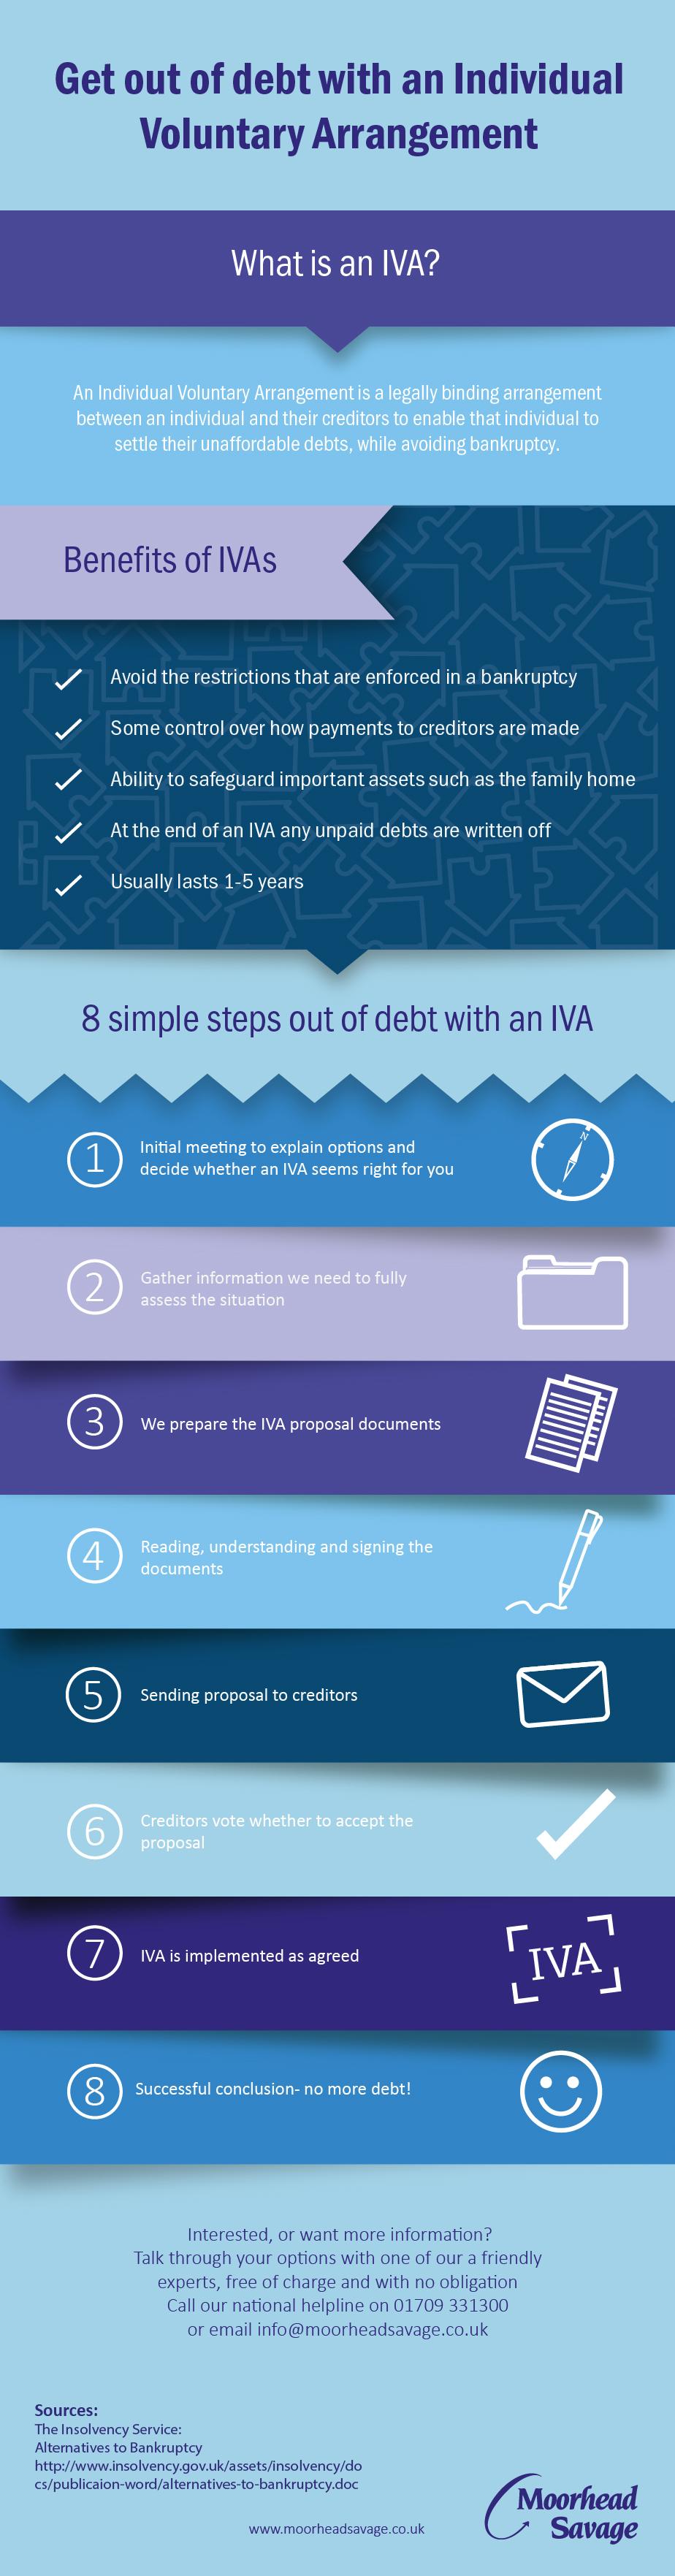 IVA Infographic